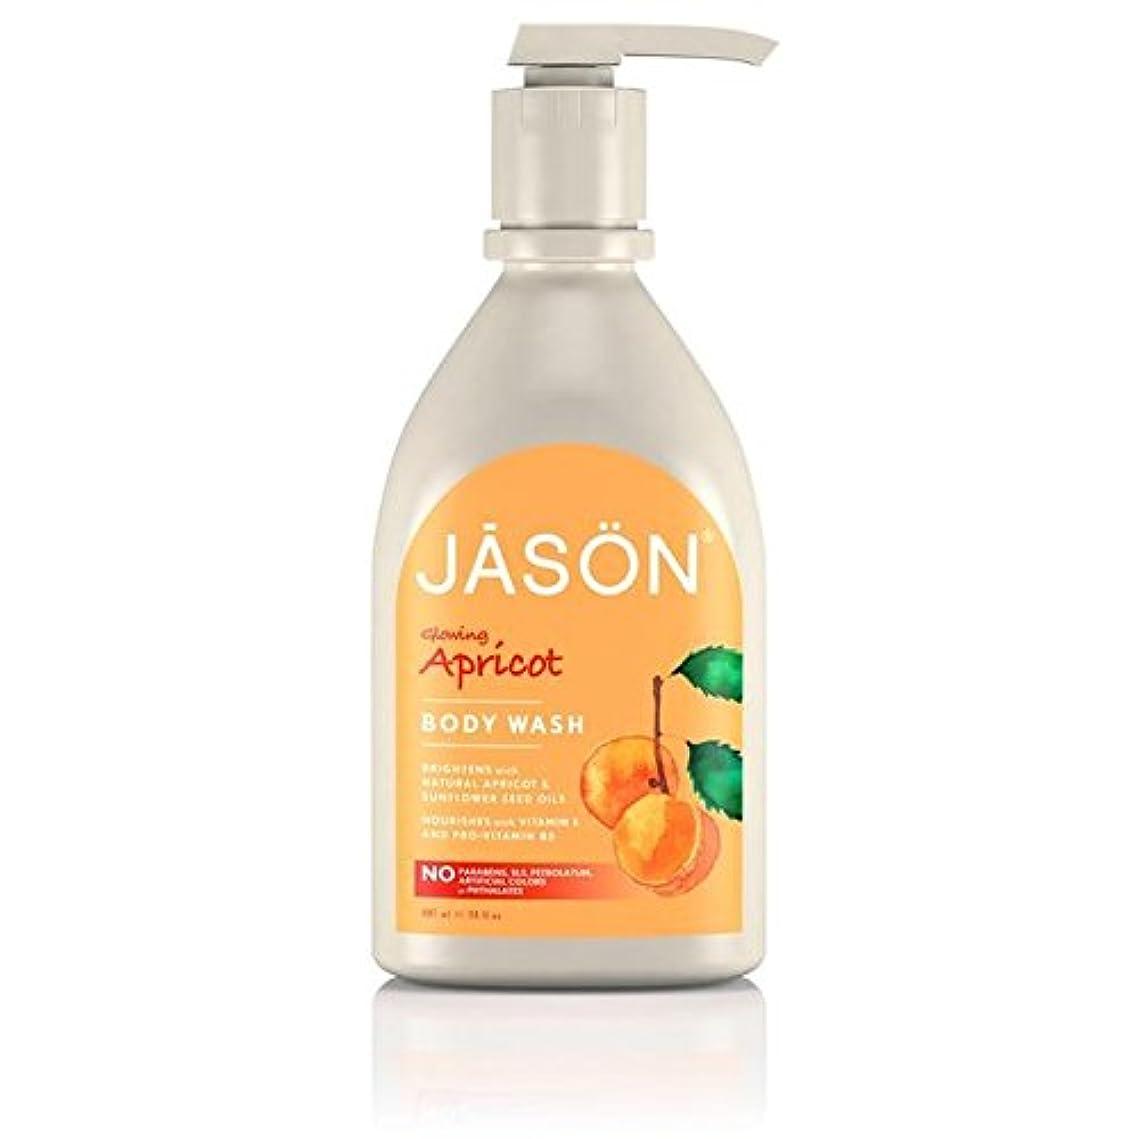 参加する前方へ上昇Jason Apricot Satin Body Wash Pump 900ml (Pack of 6) - ジェイソン?アプリコットサテンボディウォッシュポンプ900ミリリットル x6 [並行輸入品]